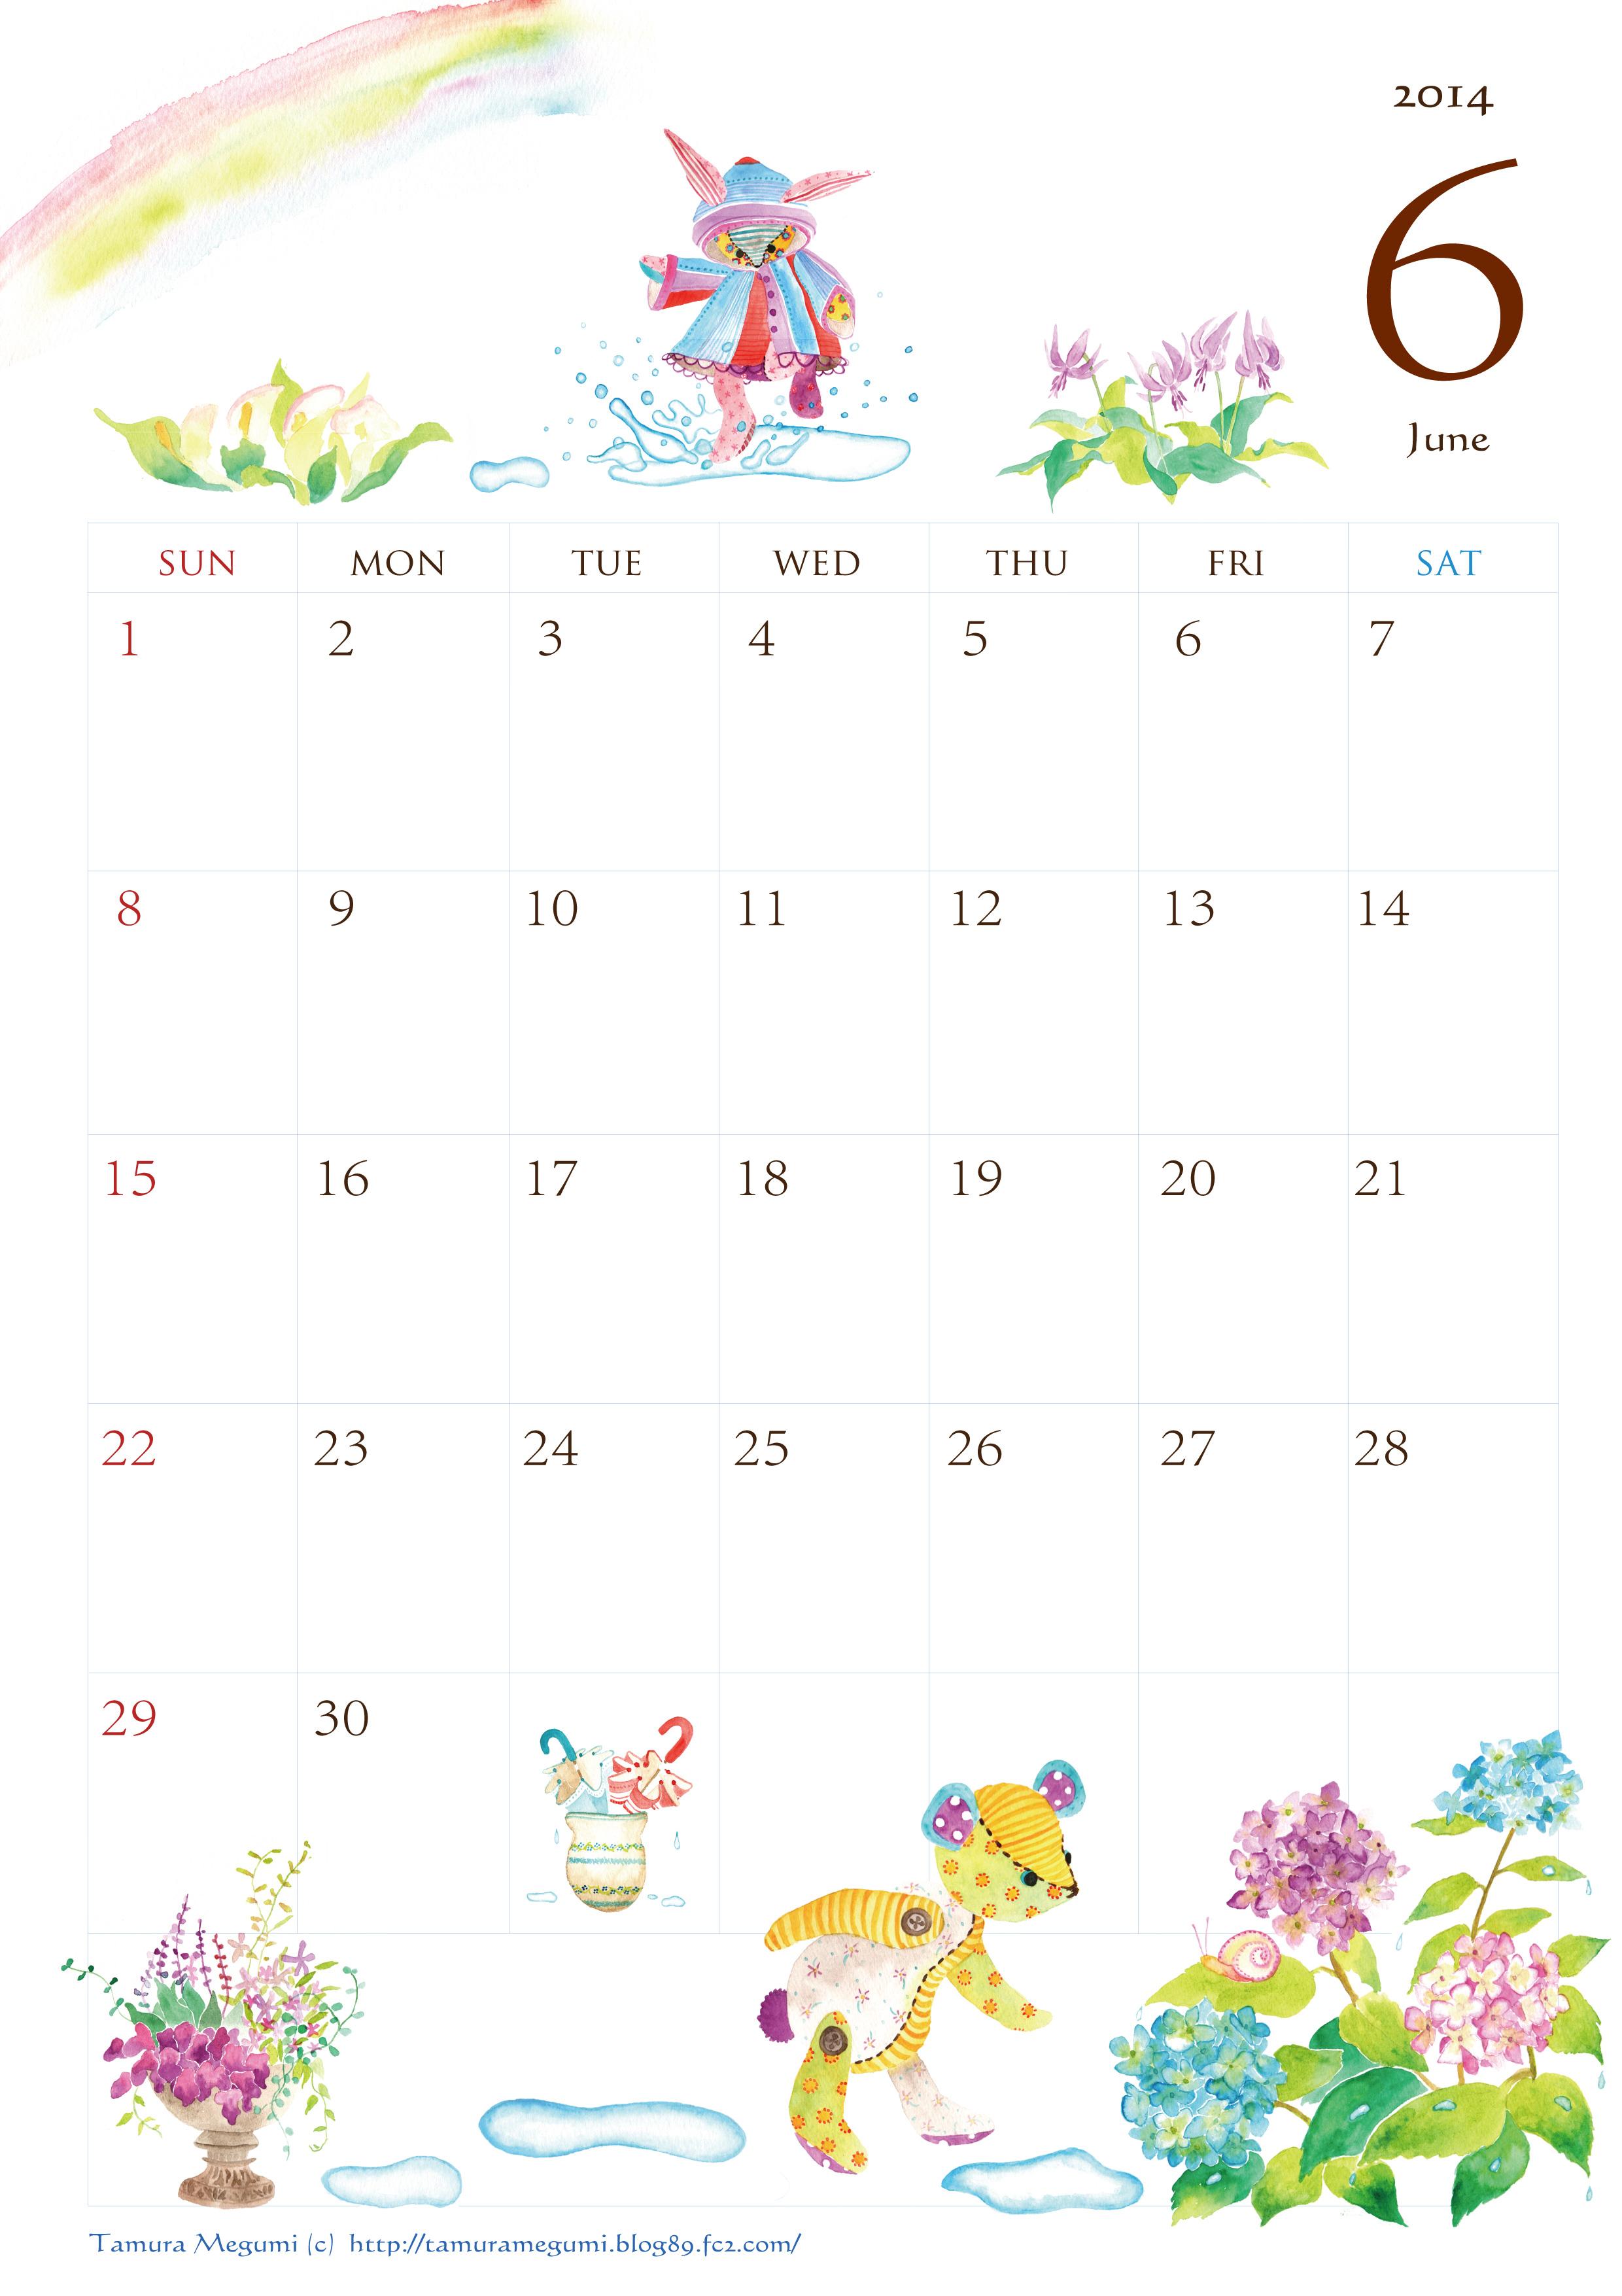 カレンダー a4 カレンダー 2014 : 2014年6月 カレンダー A4サイズ ...